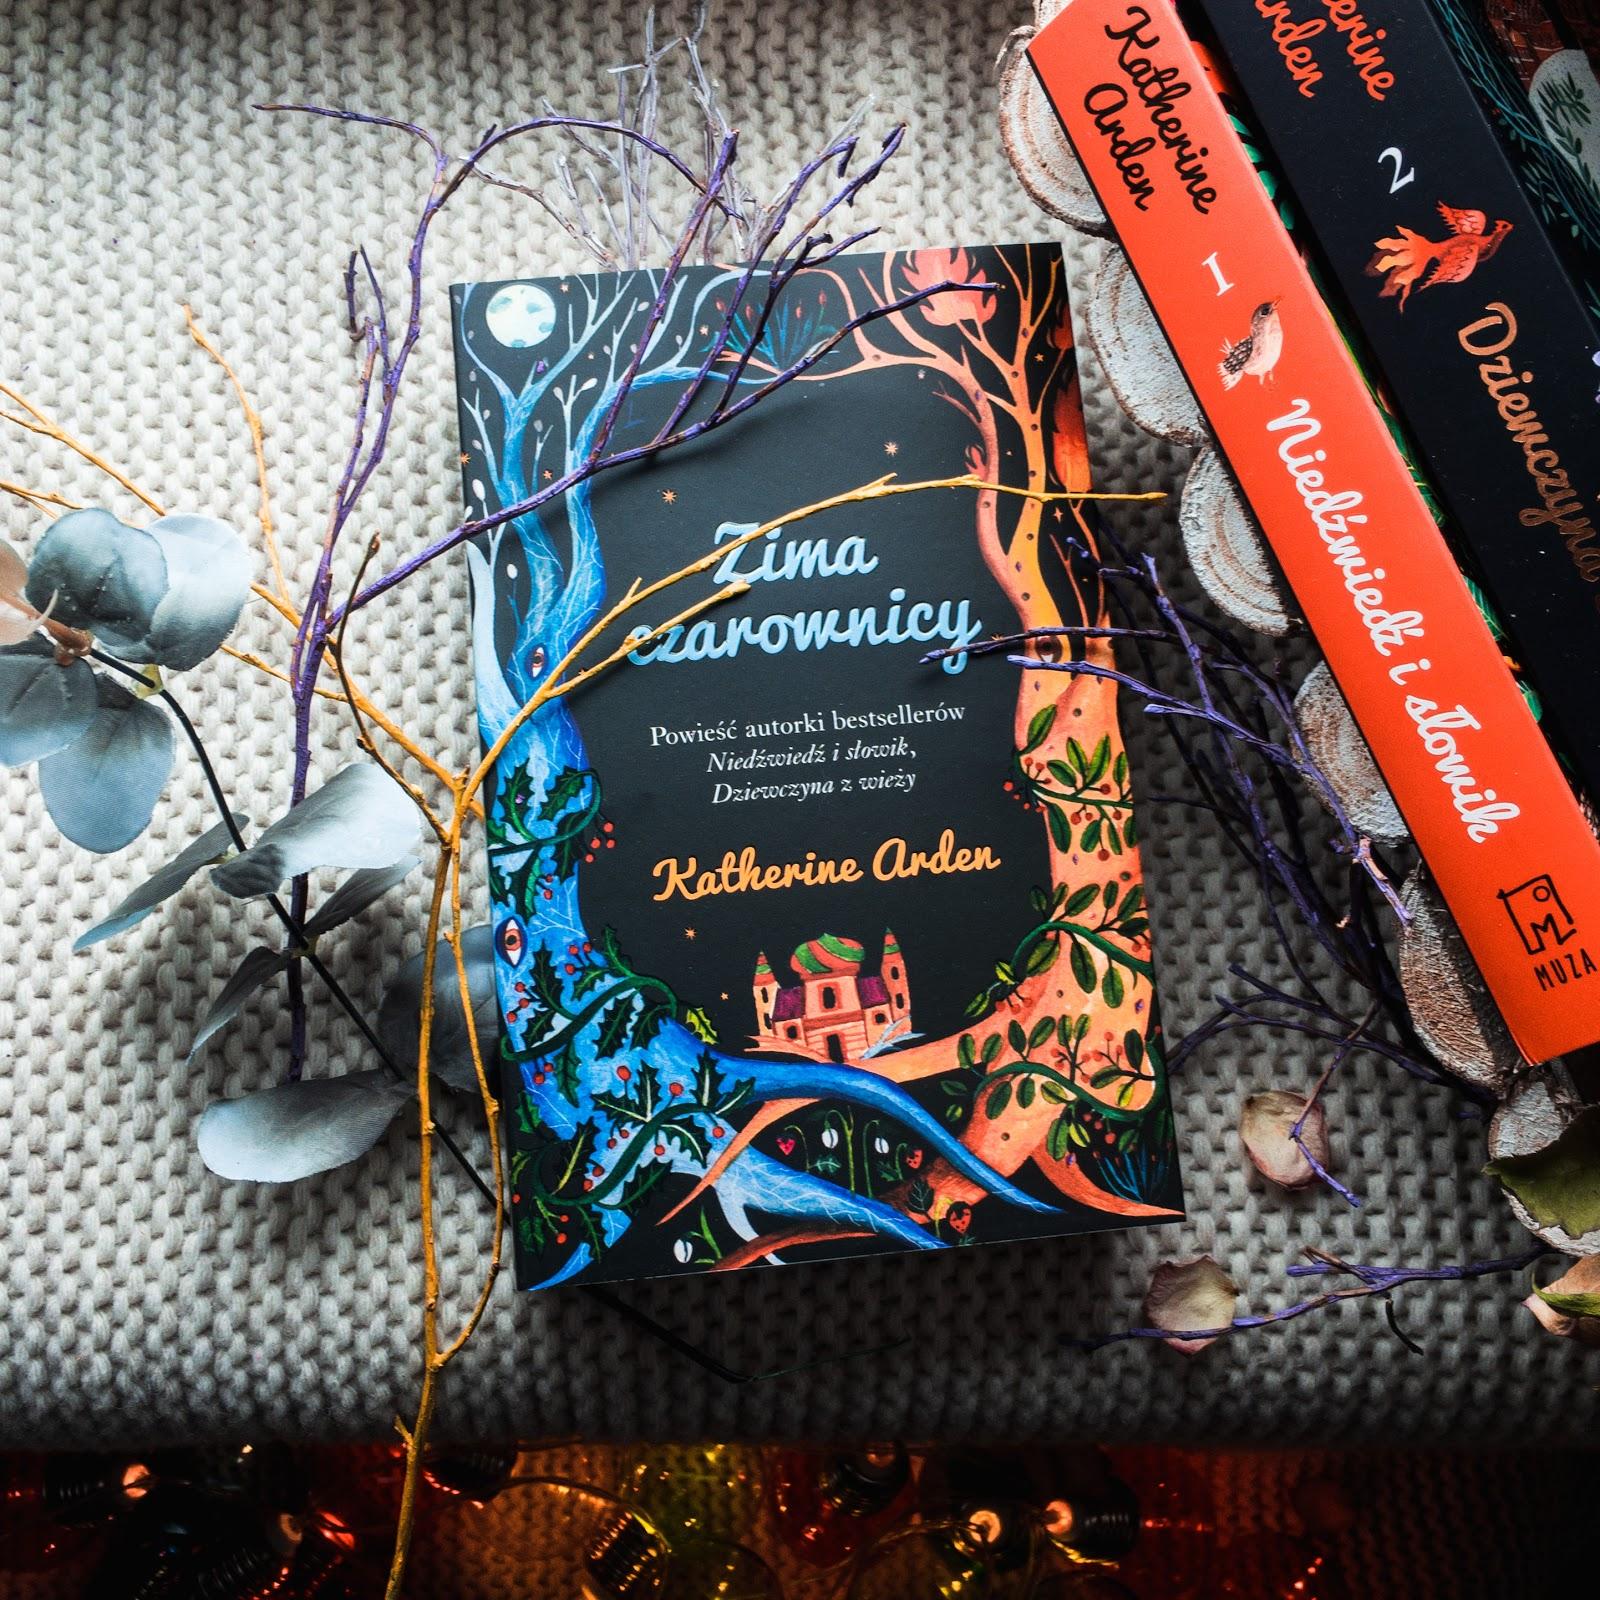 Zima czarownicy – Katherine Arden, Finał Zimowej Trylogii  już w księgarniach!